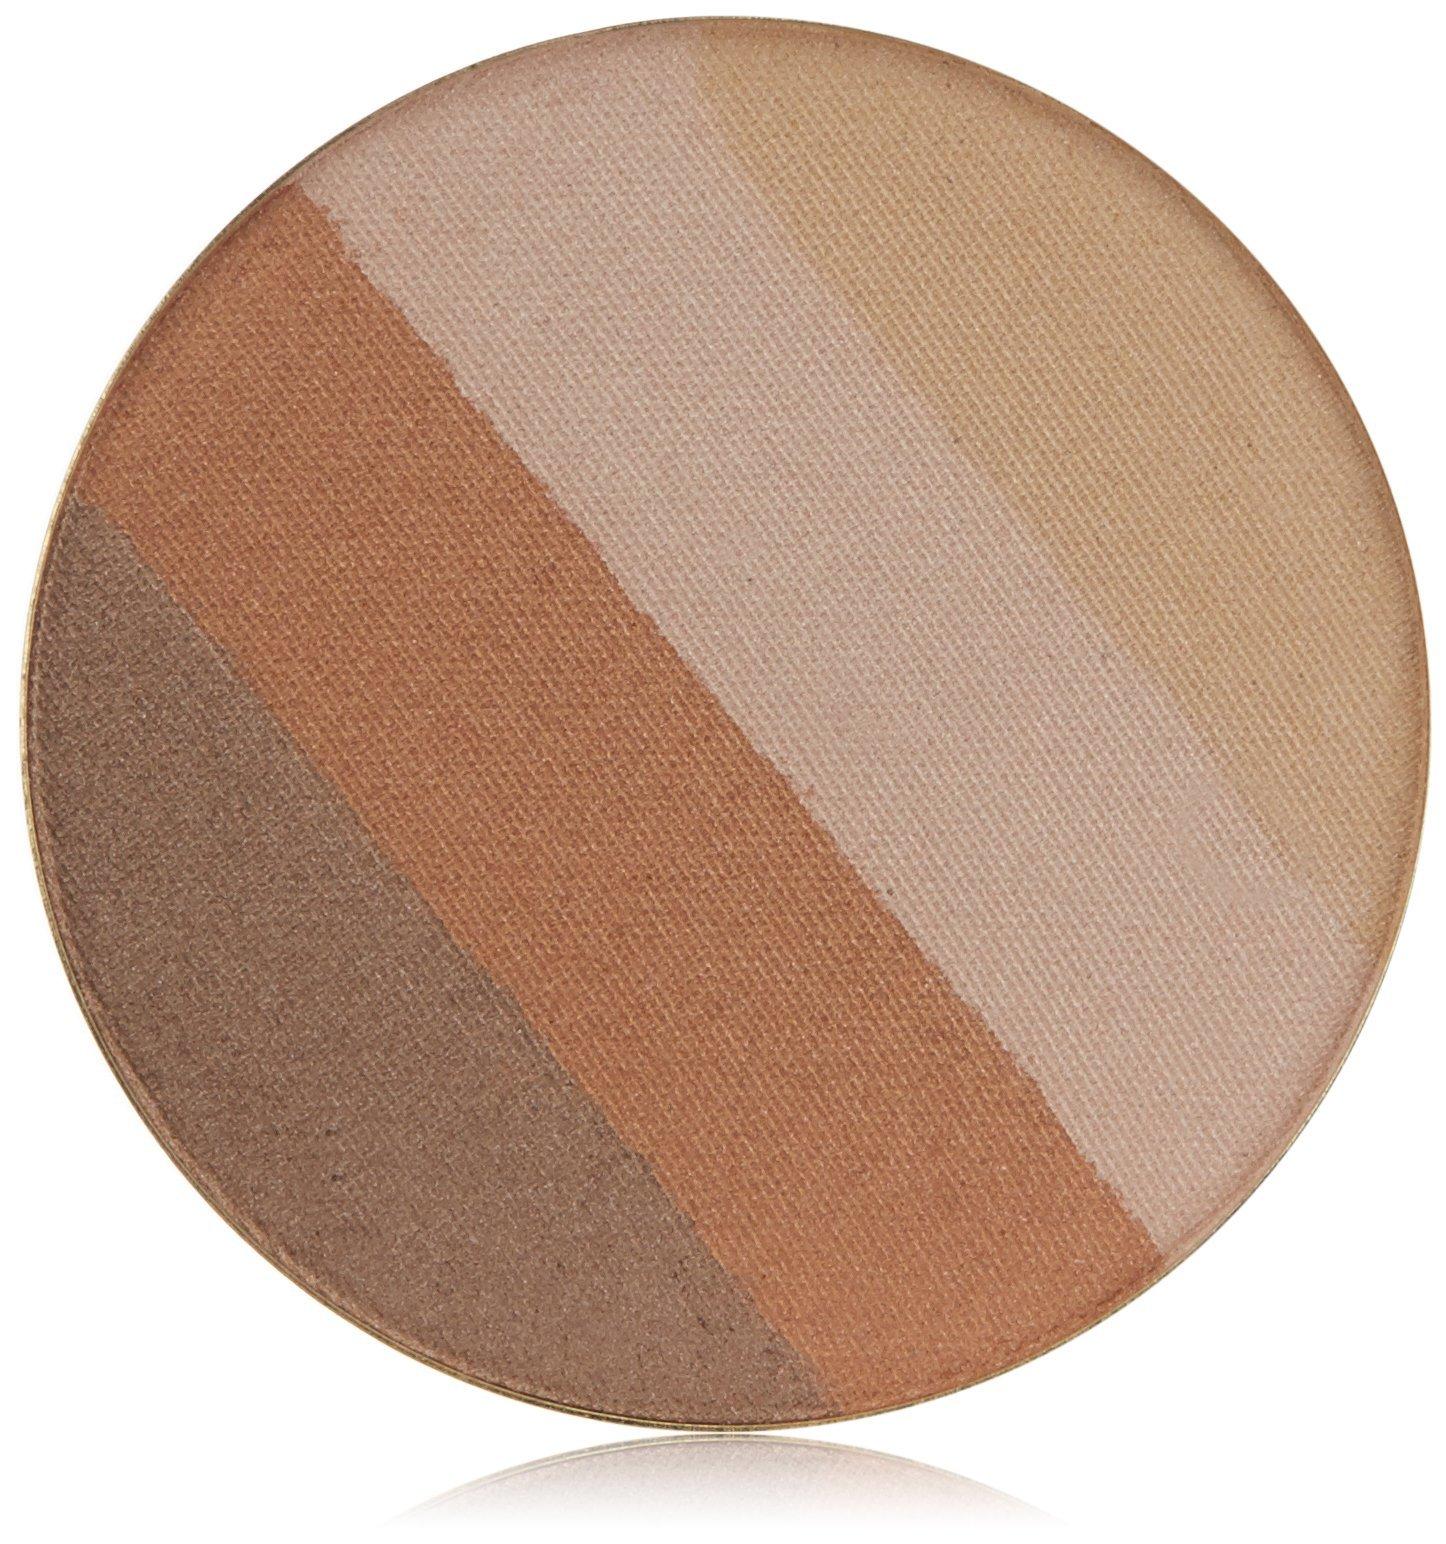 jane iredale Bronzer Refill, Moonglow Golden, 0.3 oz.